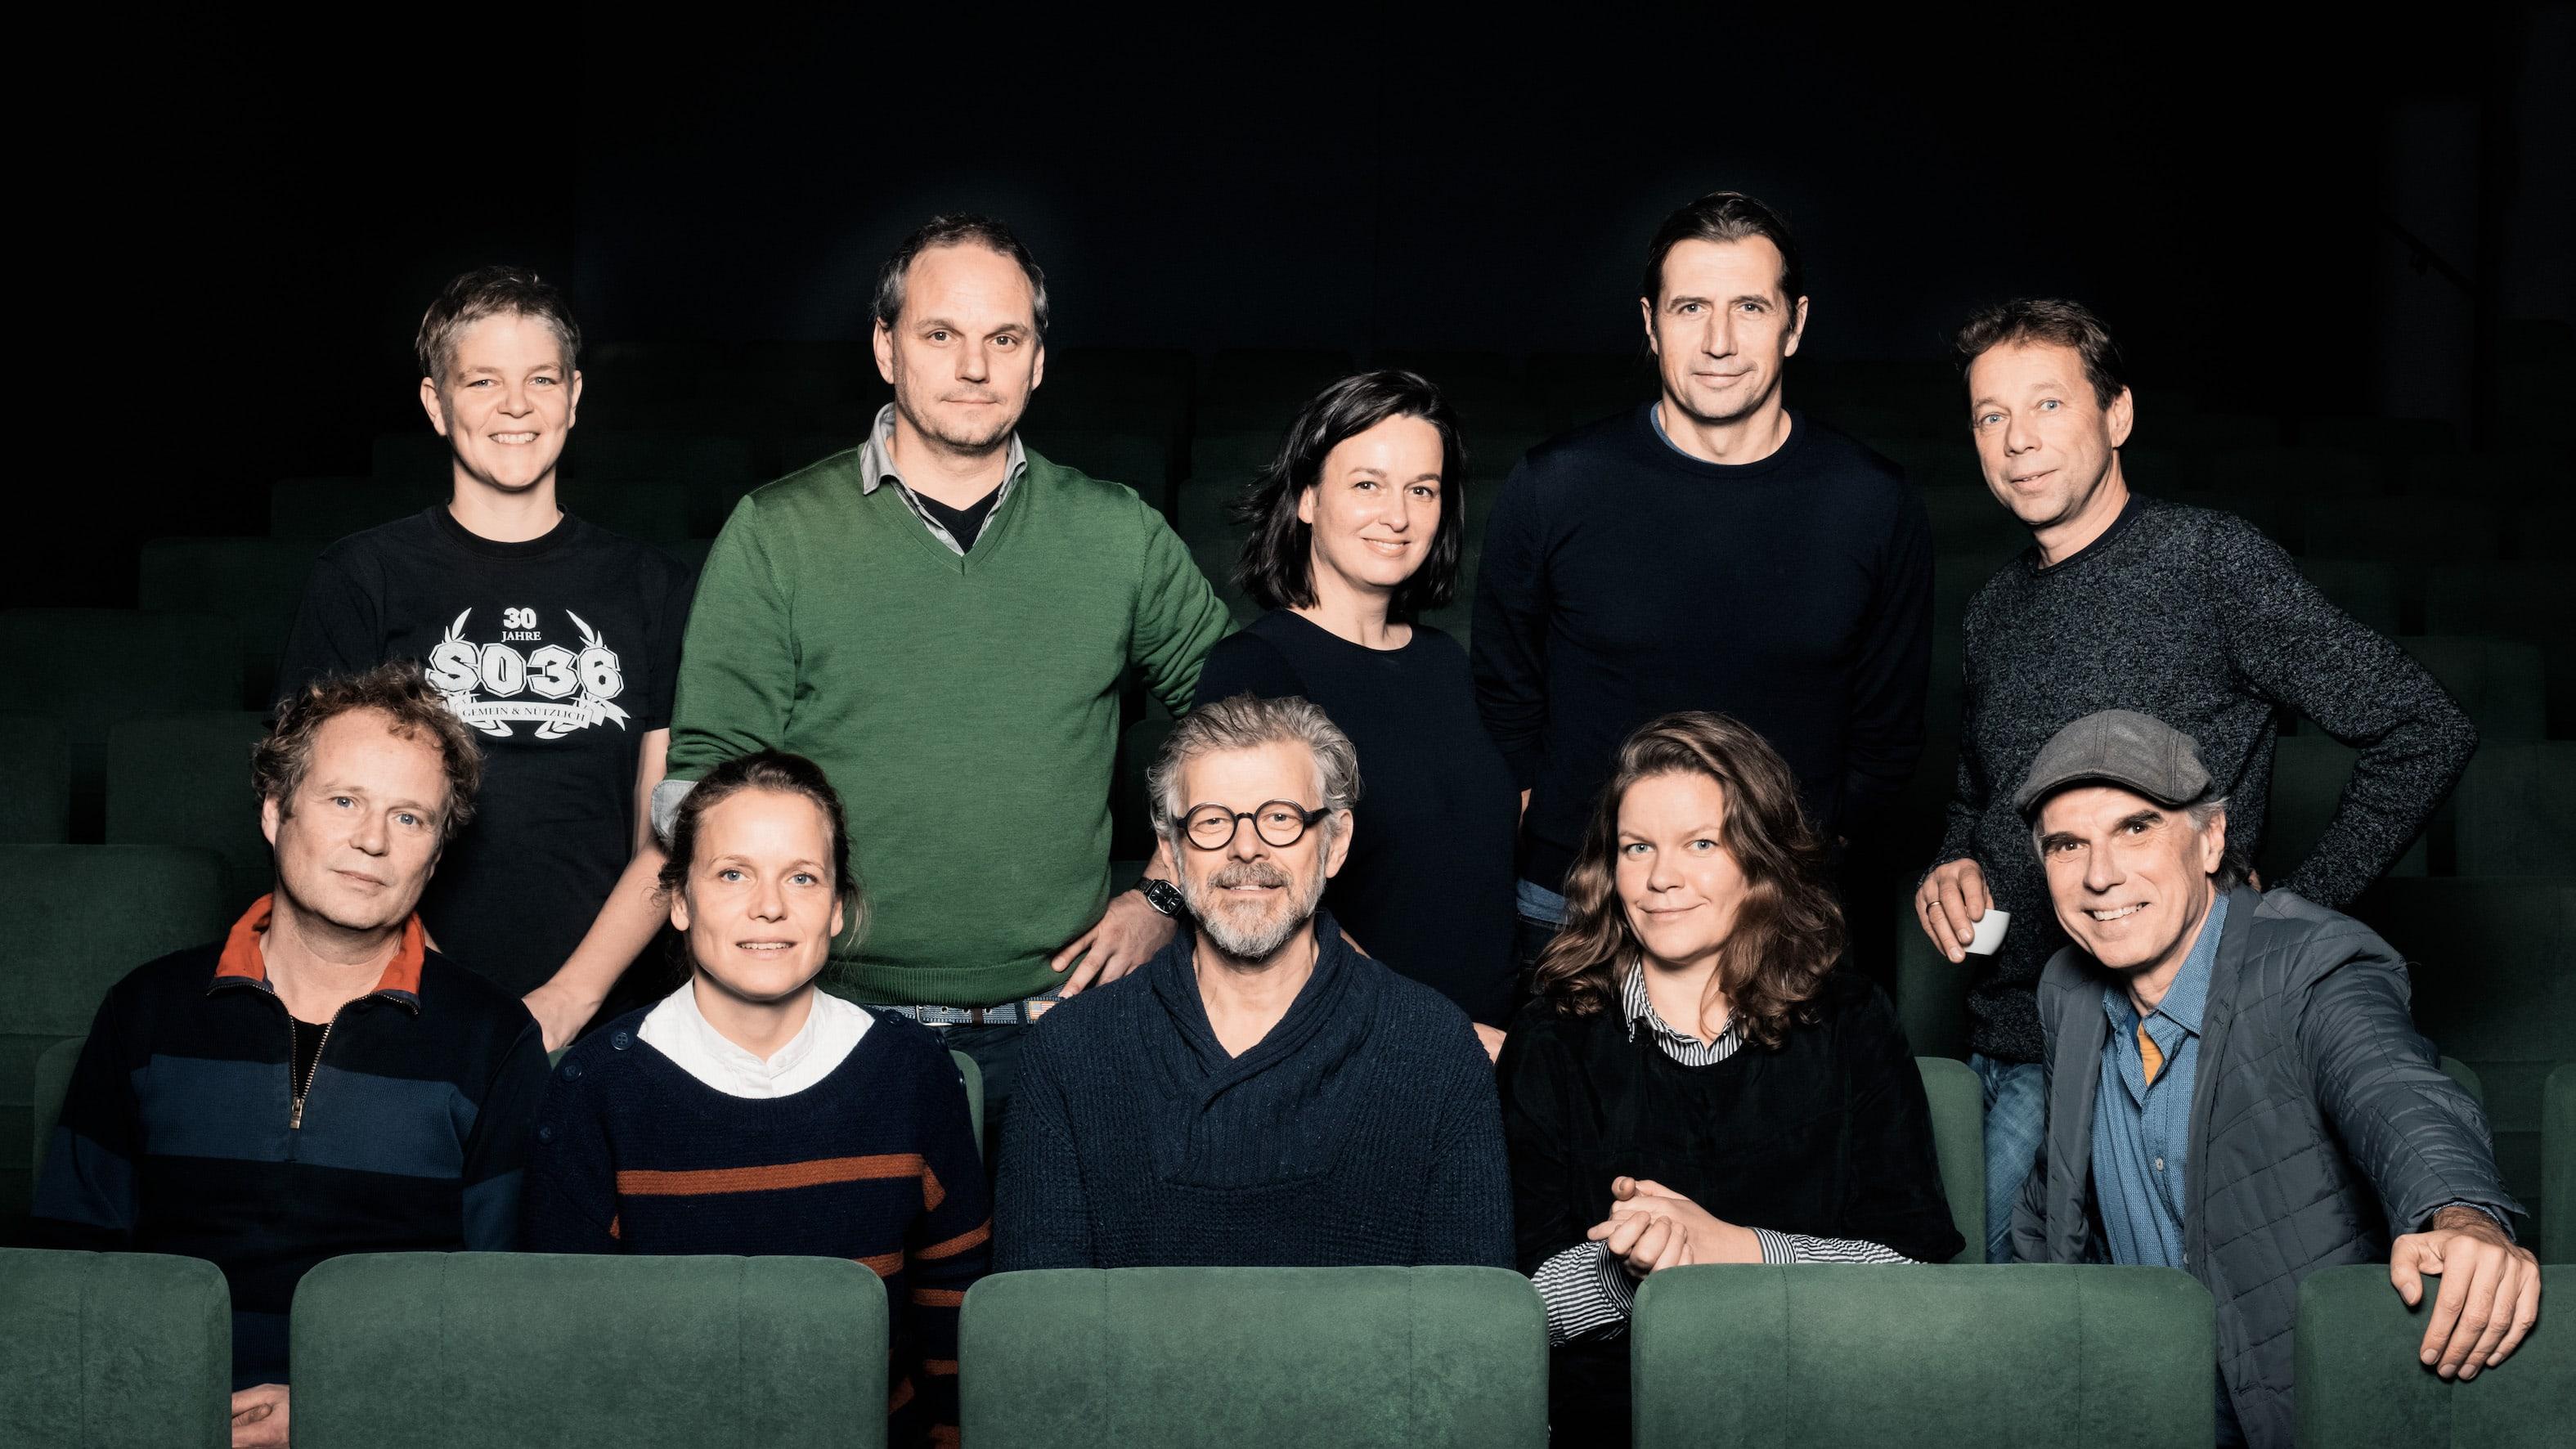 Vorauswahlkommission Dokumentarfilm, Deutscher Filmpreis 2019